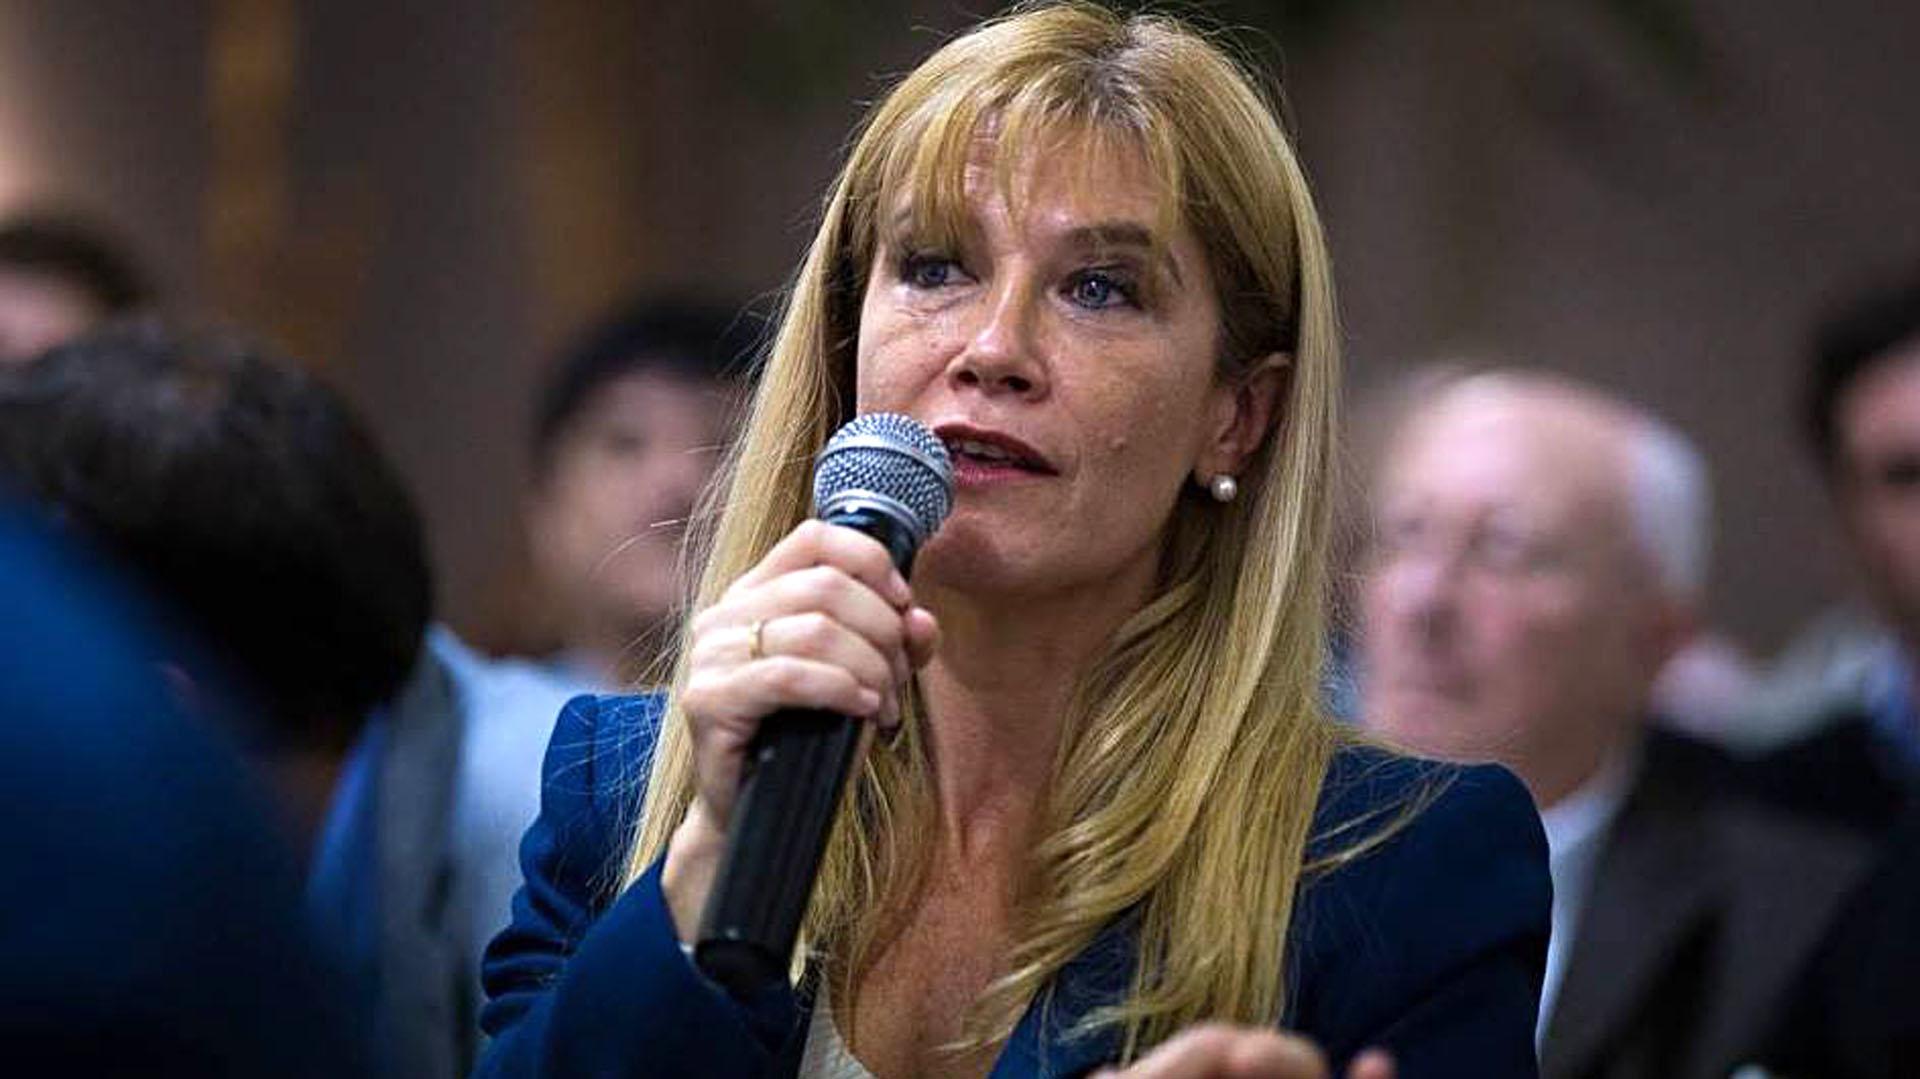 La intendente Verónica Magario, la impulsora de la medida